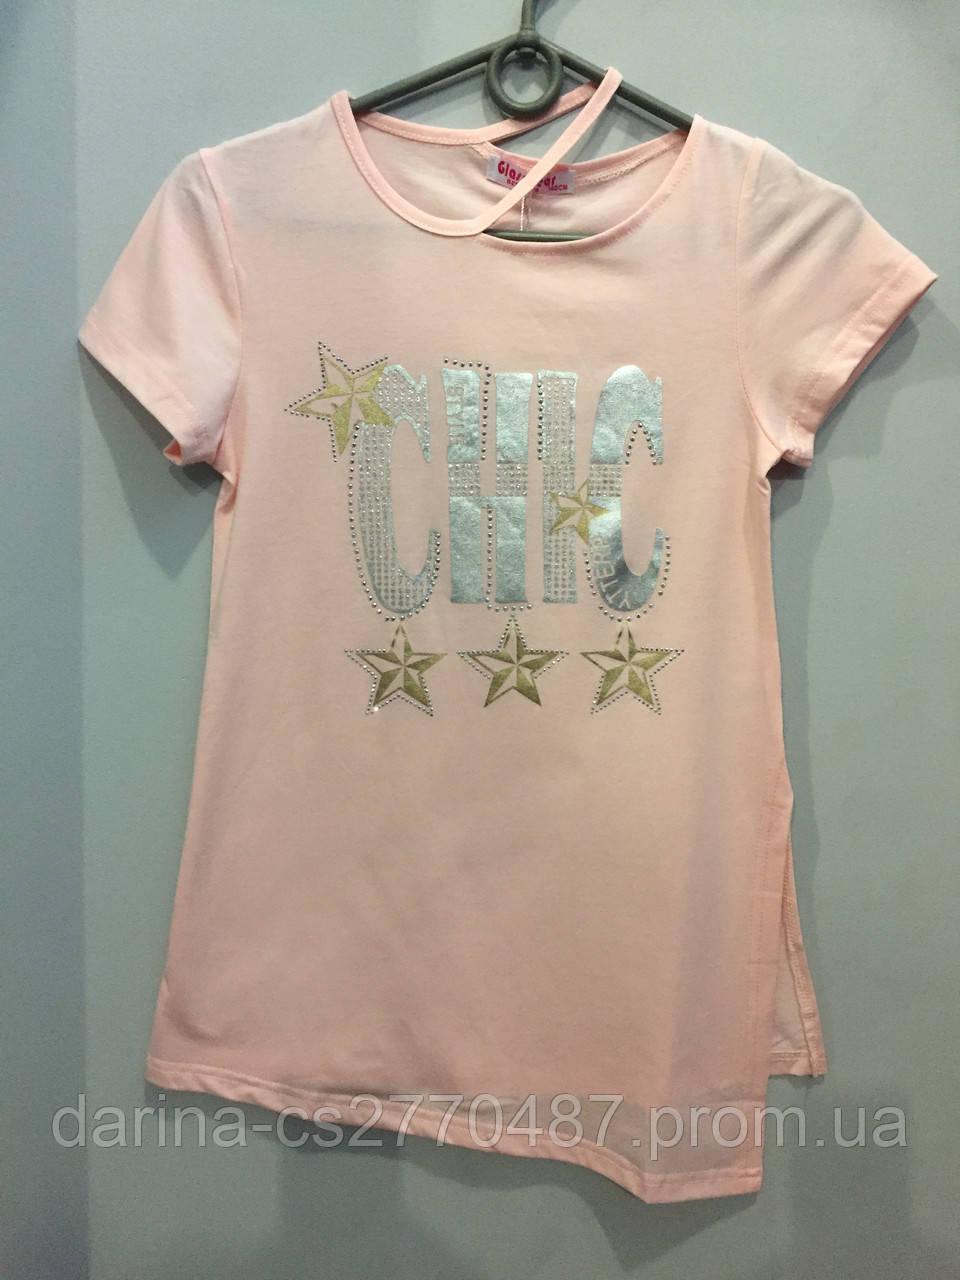 Модная футболка для девочки подростка 146 см